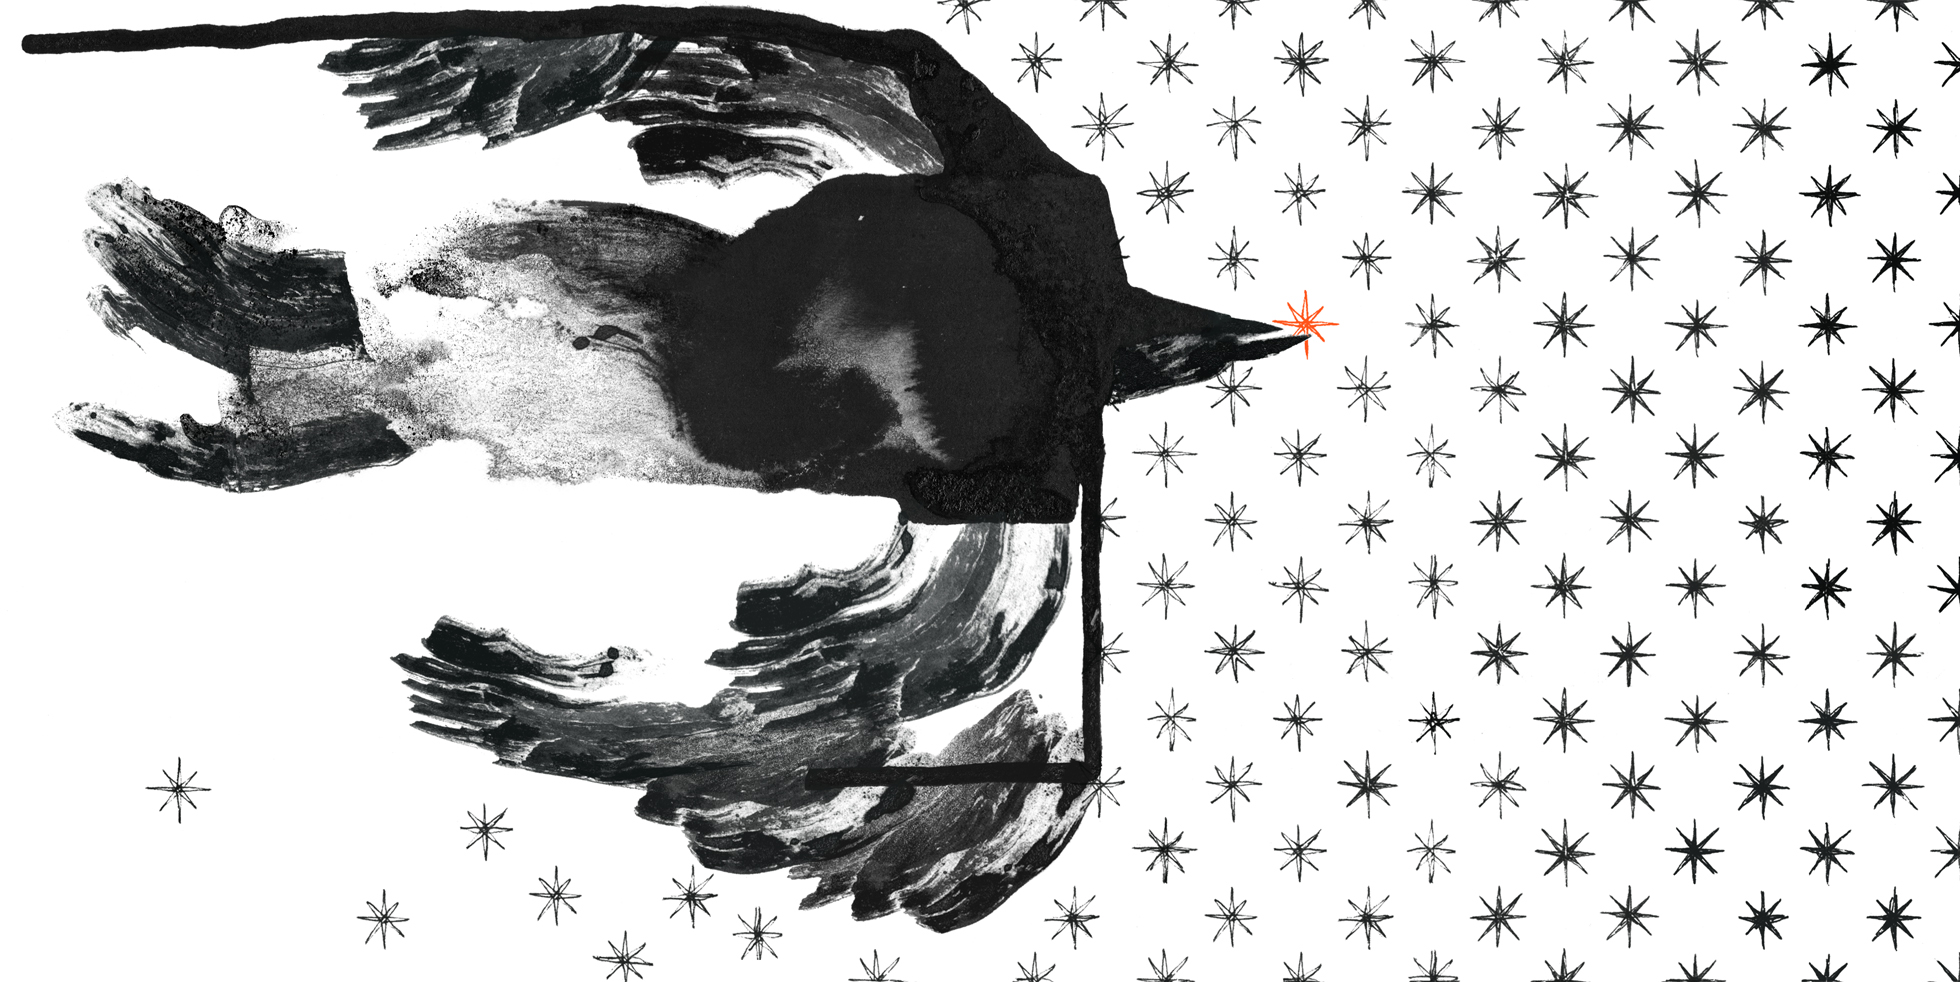 Margherita Morotti - Star Thief, inchiostro e colori ad olio, rielaborazione digitale